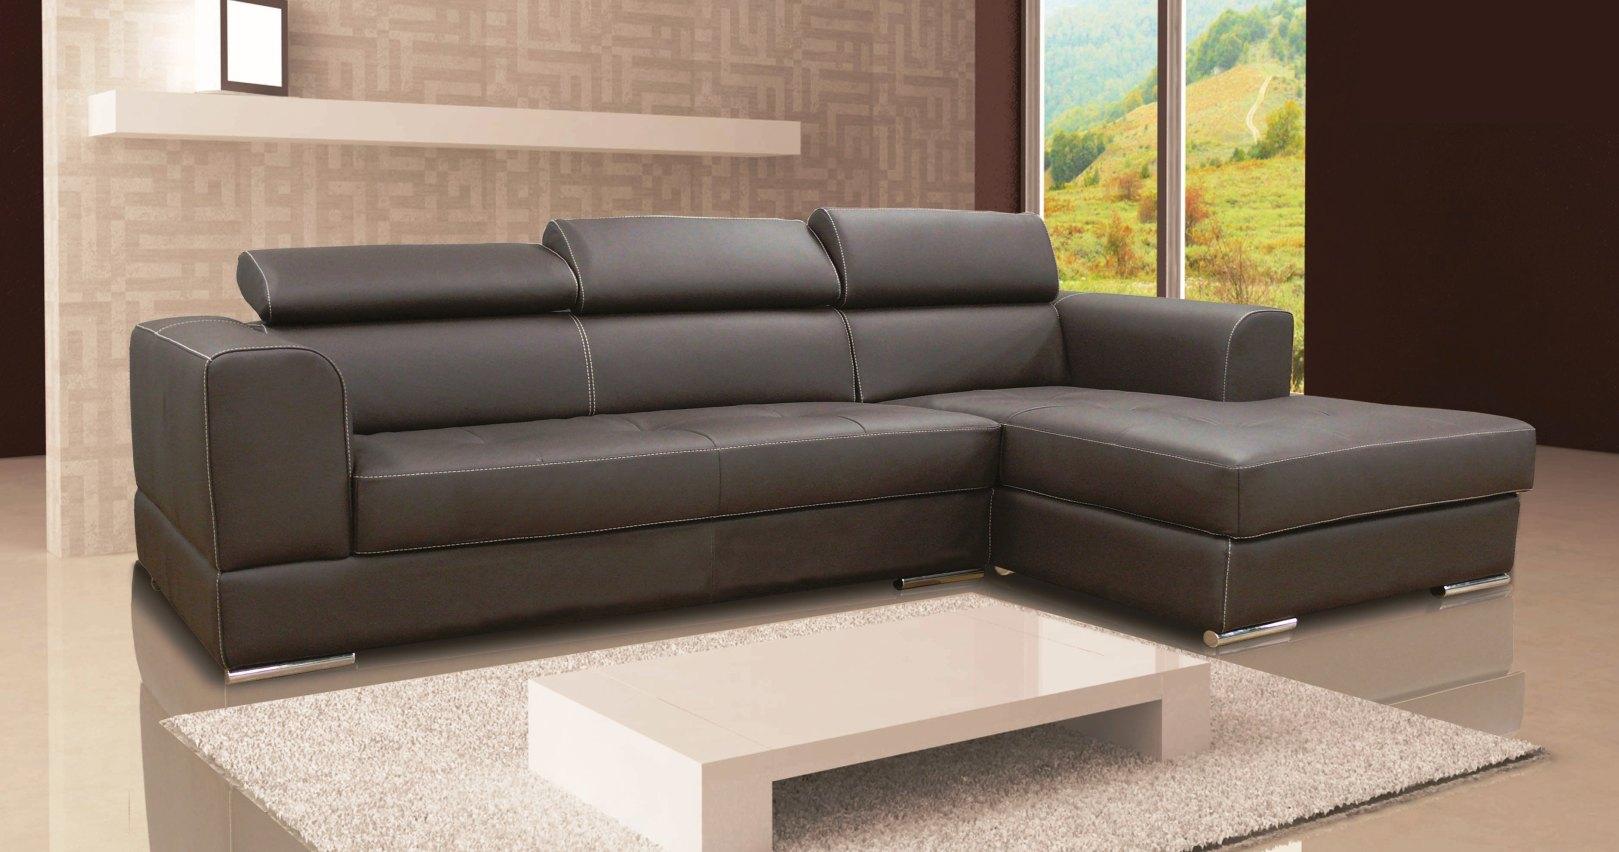 menton buffle ou vachette unicolore ou bicolore personnalisable sur univers du cuir. Black Bedroom Furniture Sets. Home Design Ideas